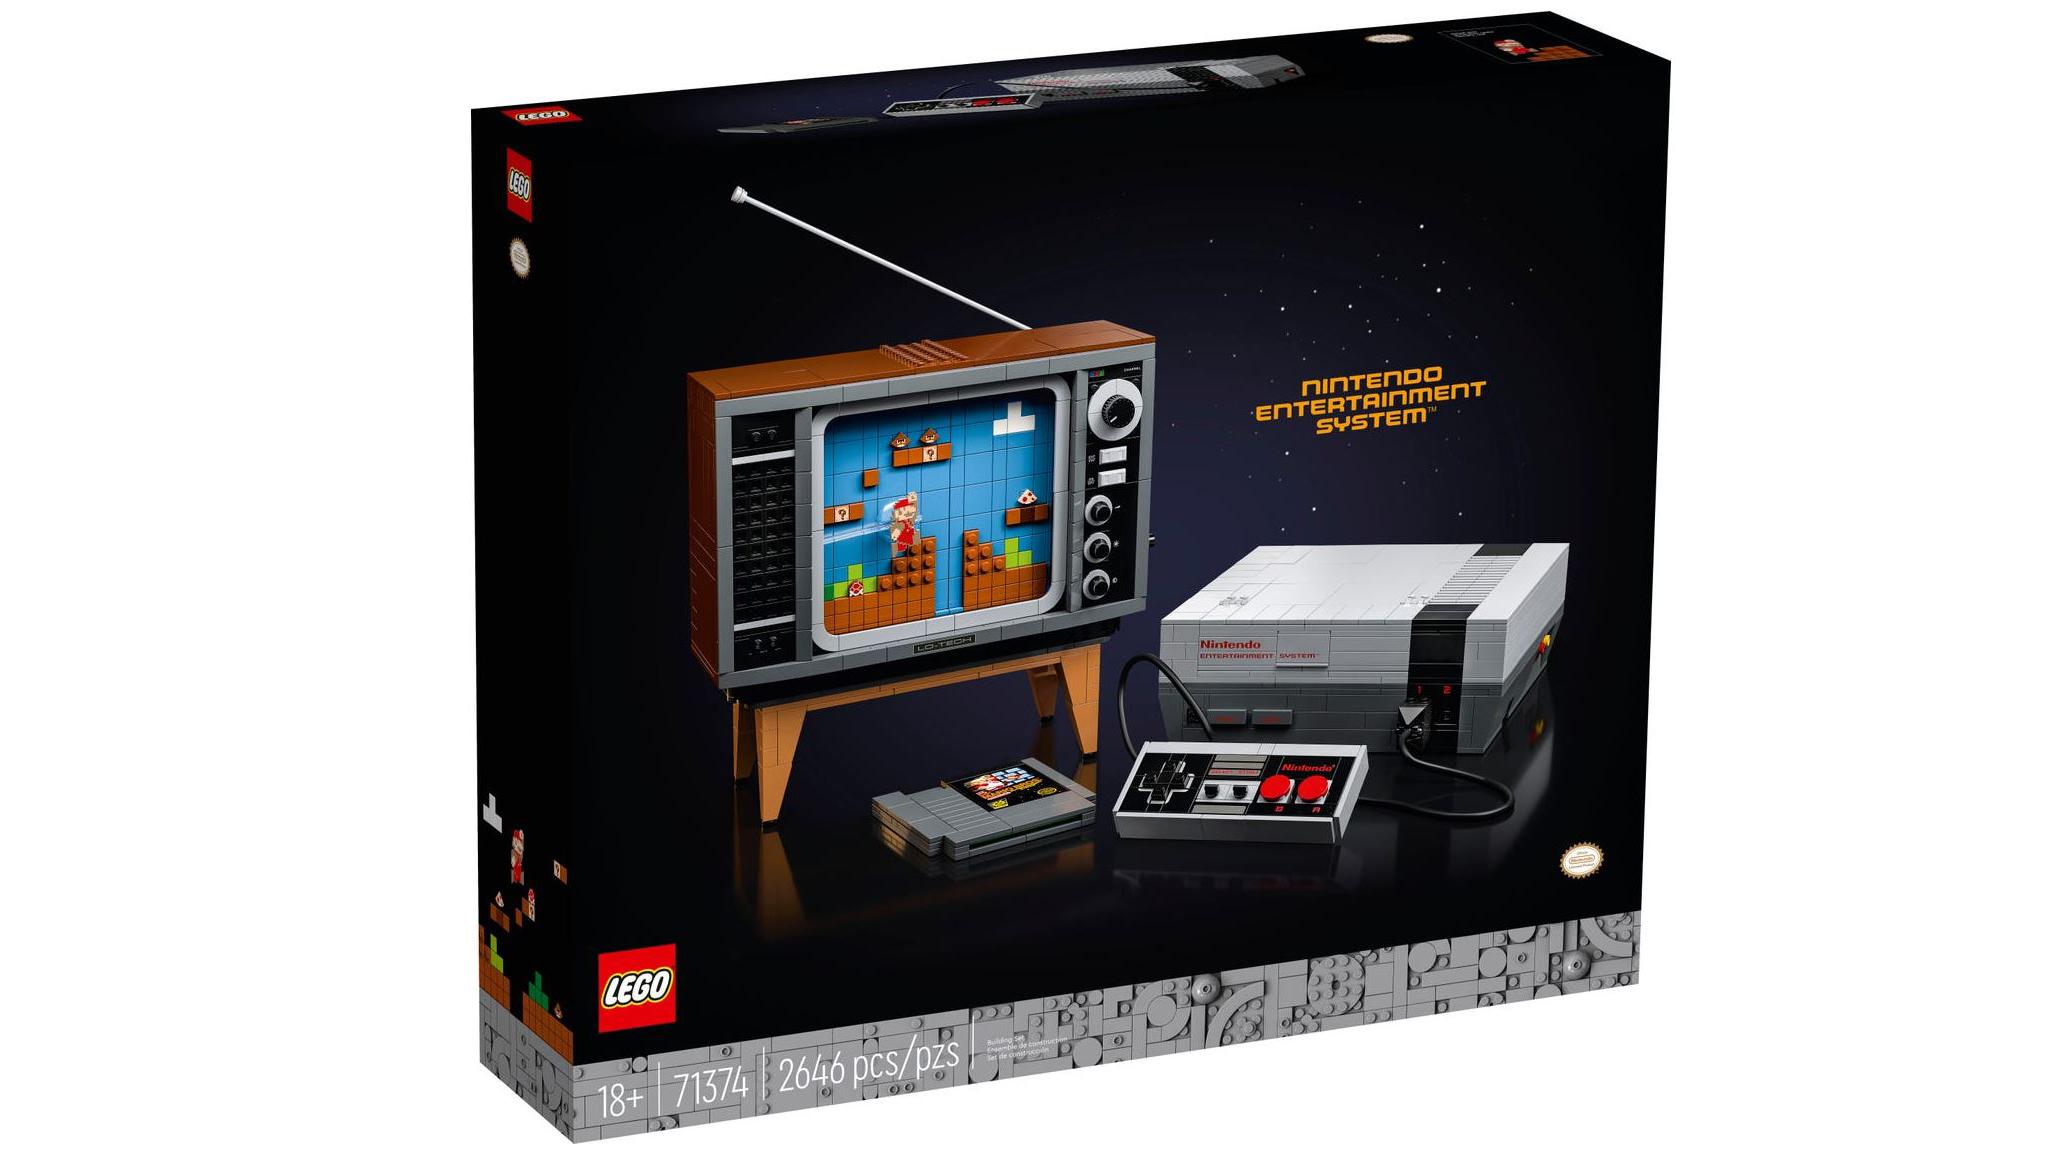 LEGO NES where to buy